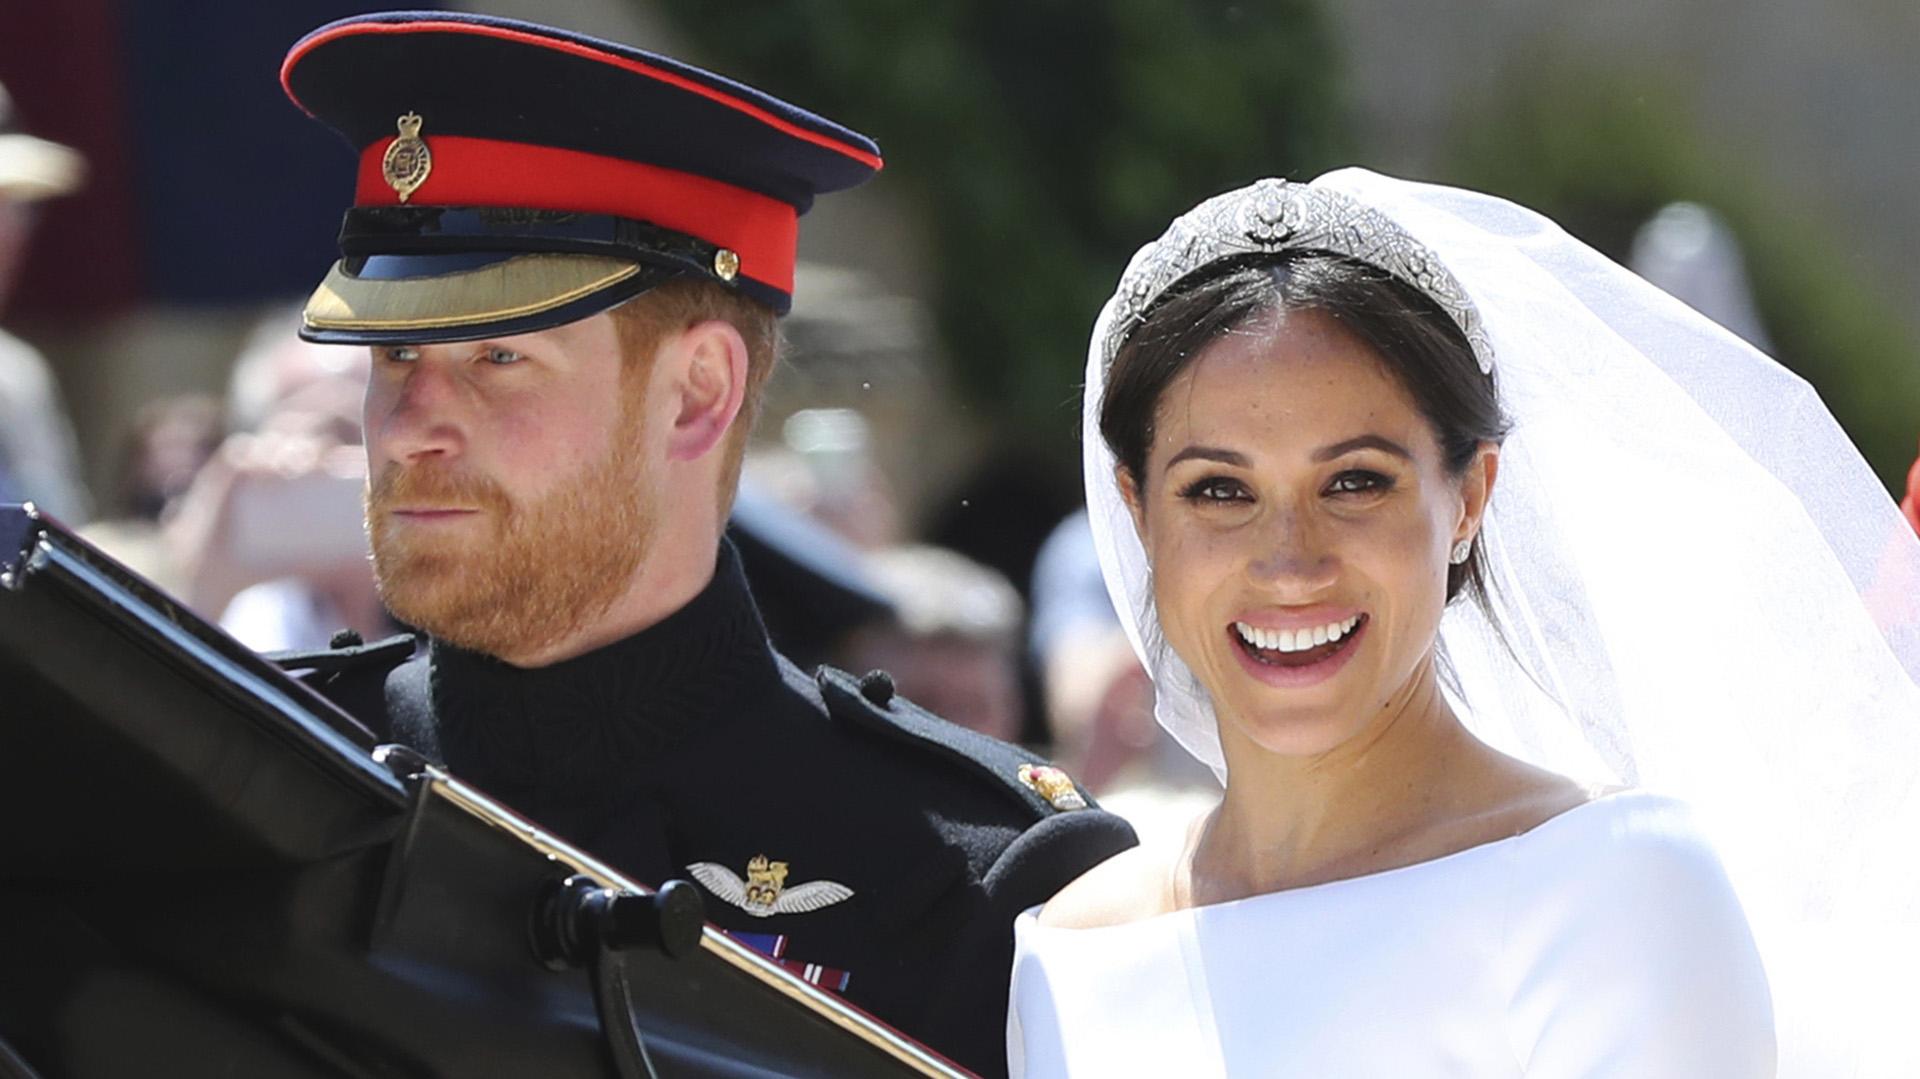 Meghan dejó su carrera de actriz en Hollywood para casarse conHarry y formar parte de la familia real (Gareth Fuller/AP)